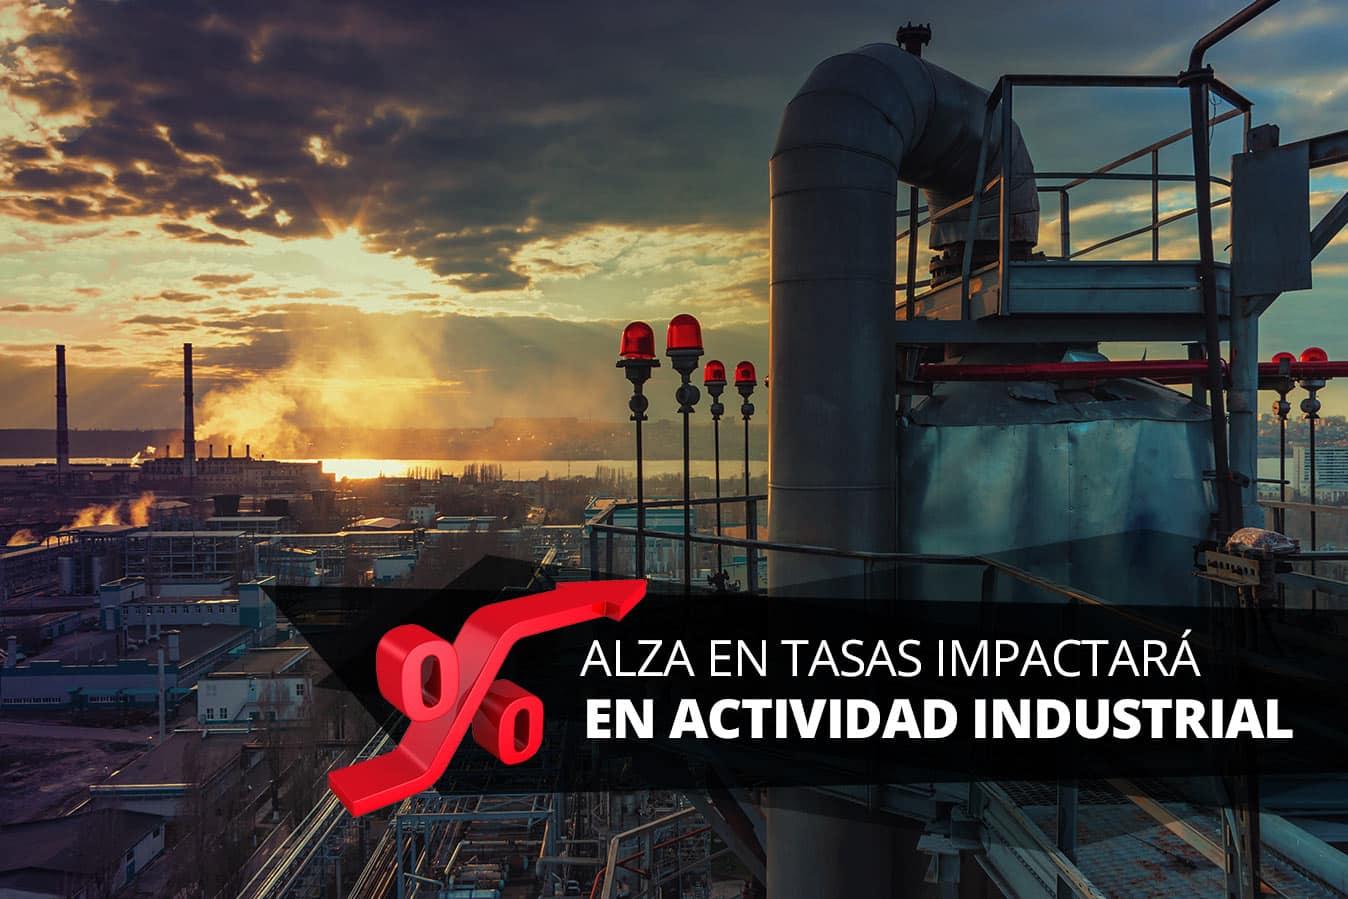 El sector industrial advirtió sobre los efectos, en la actividad productiva, del aumento de las tasas de interés, que se prevé continuará a lo largo del 2016